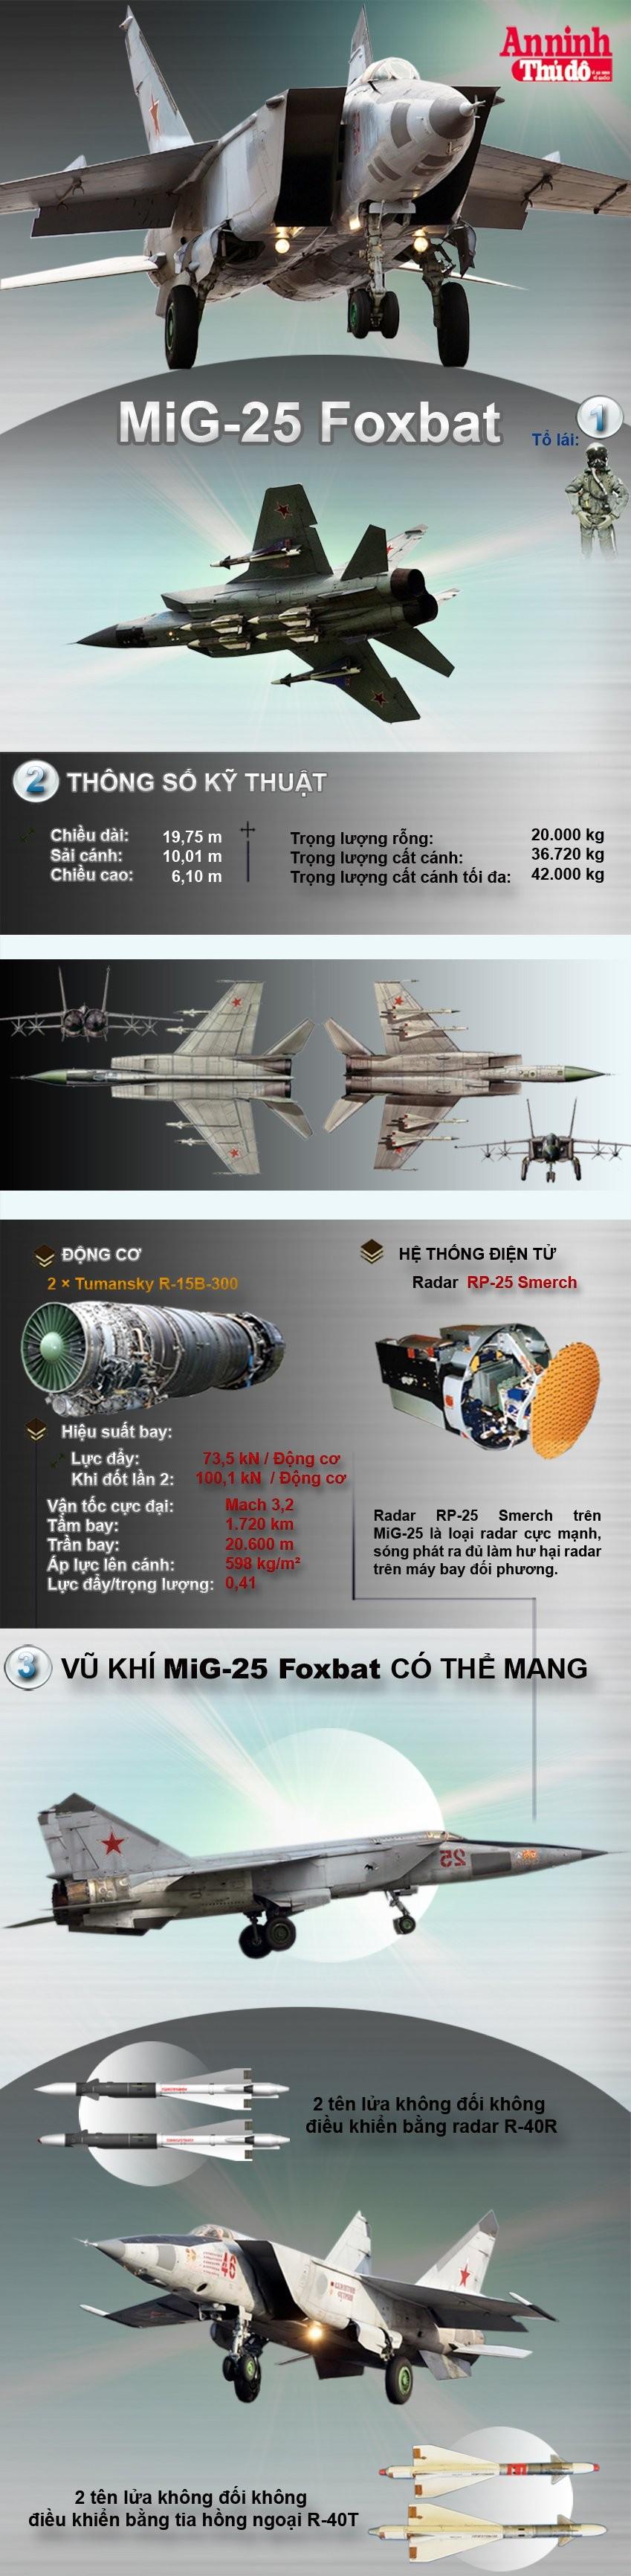 [Infographic] MiG-25-Cơn ác mộng một thời của phương Tây